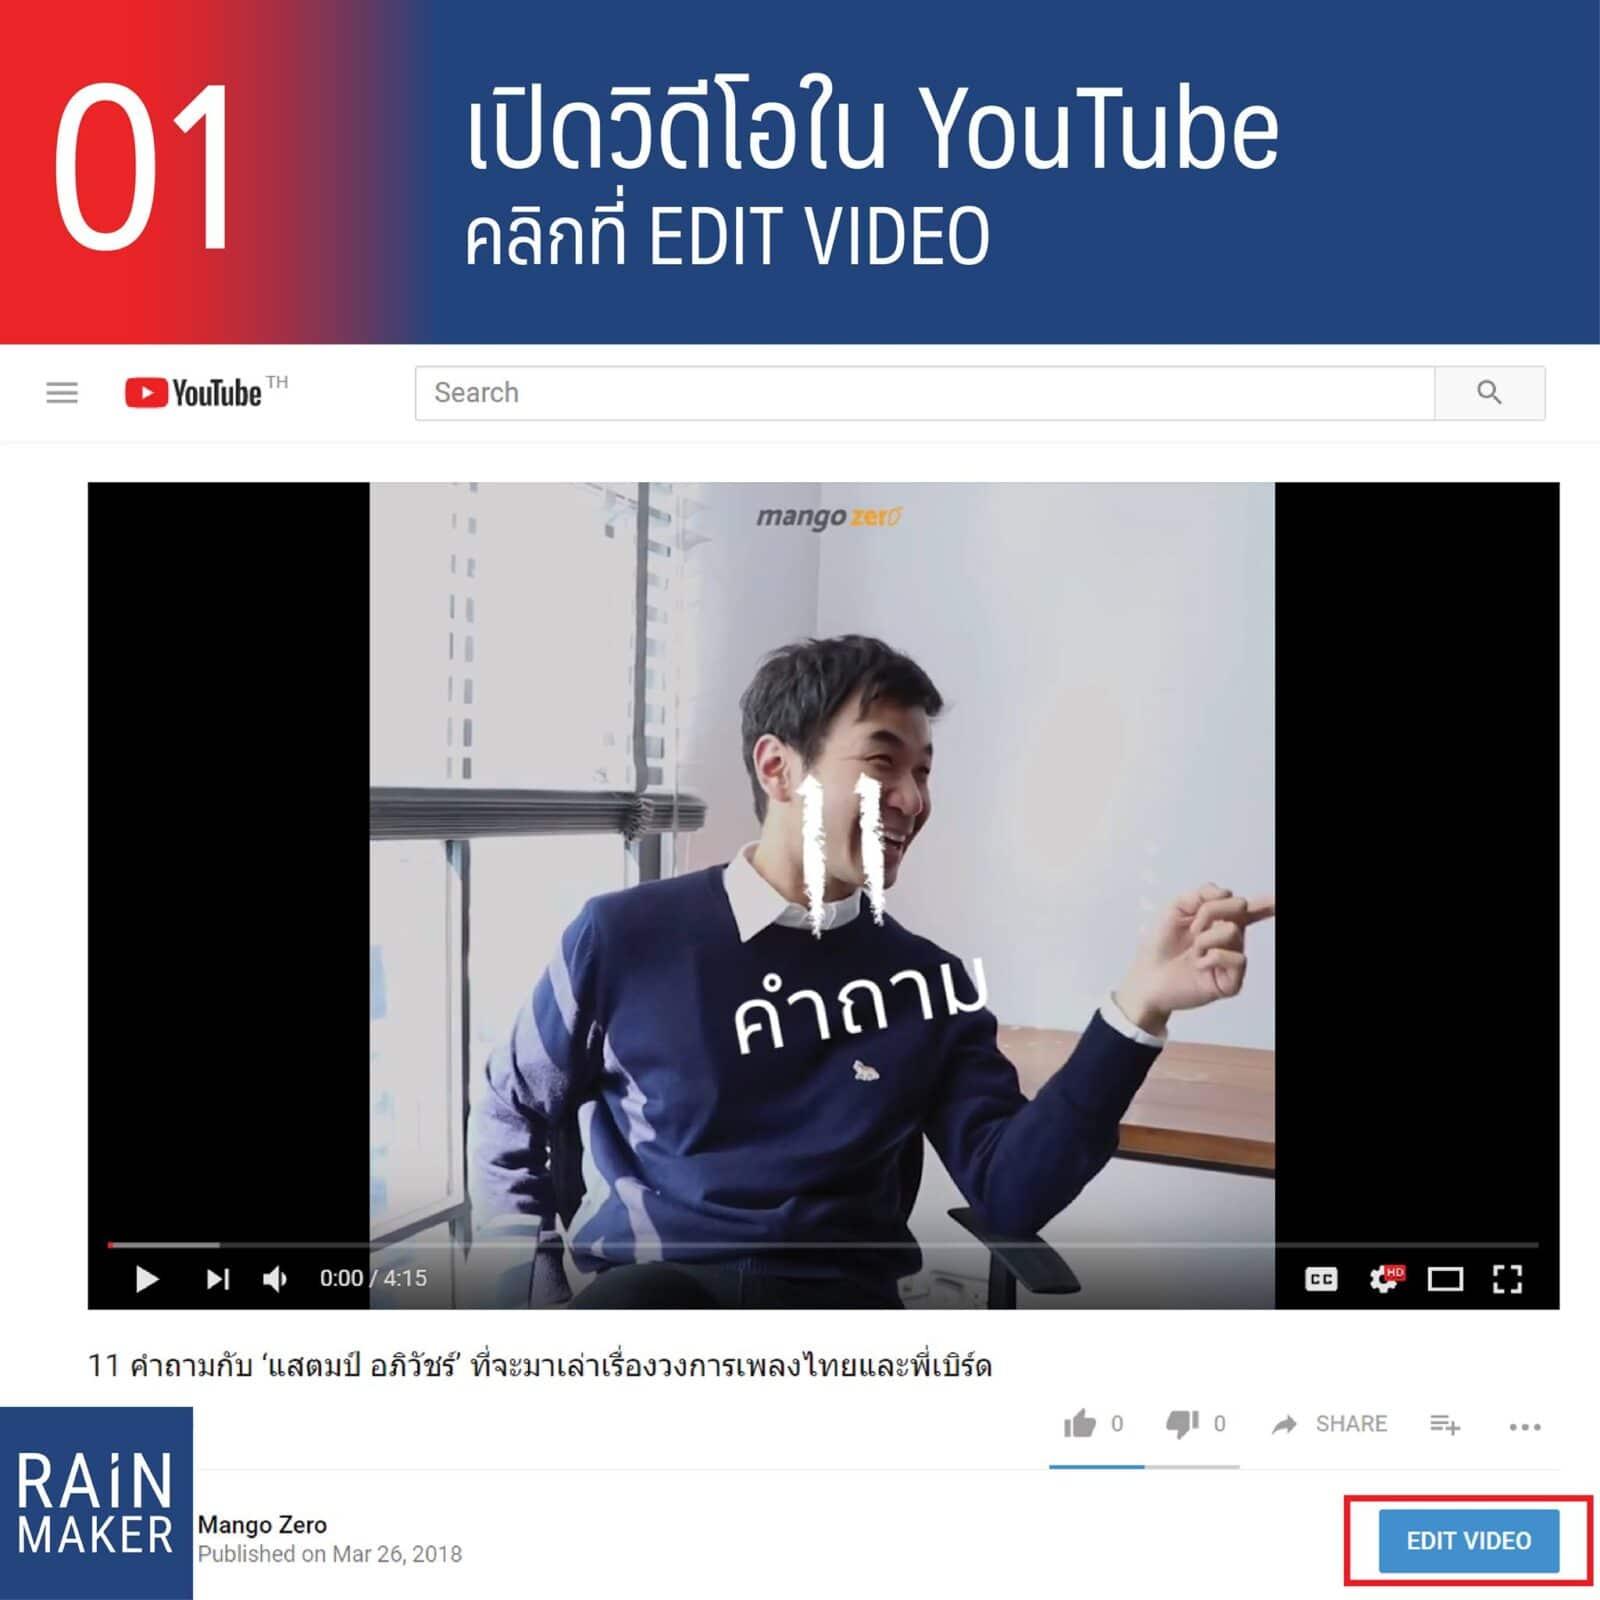 วิธีใส่ Subtitle บน YouTube + Facebook โคตรง่าย ไม่ต้องโหลดโปรแกรมเพิ่ม